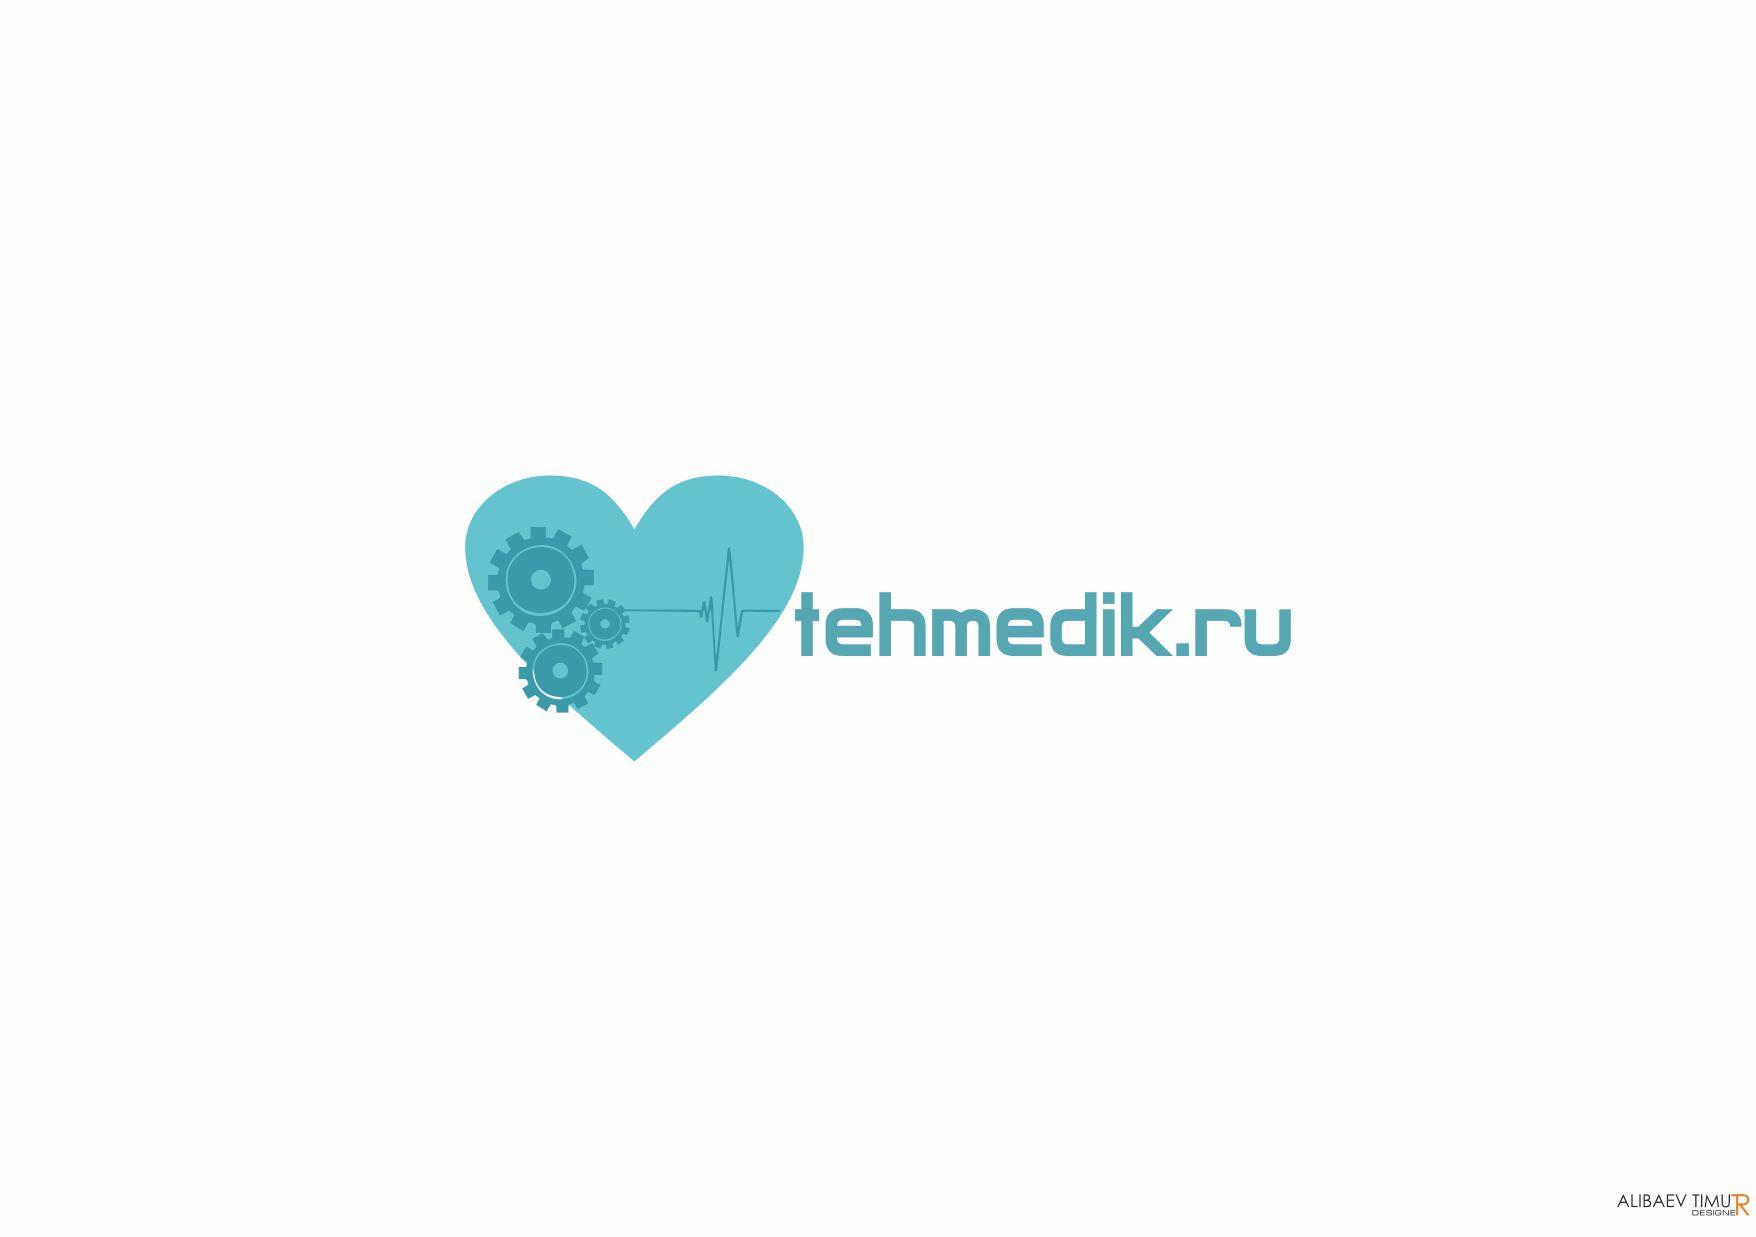 Логотип для интернет-магазина медтехники - дизайнер tahalibaev